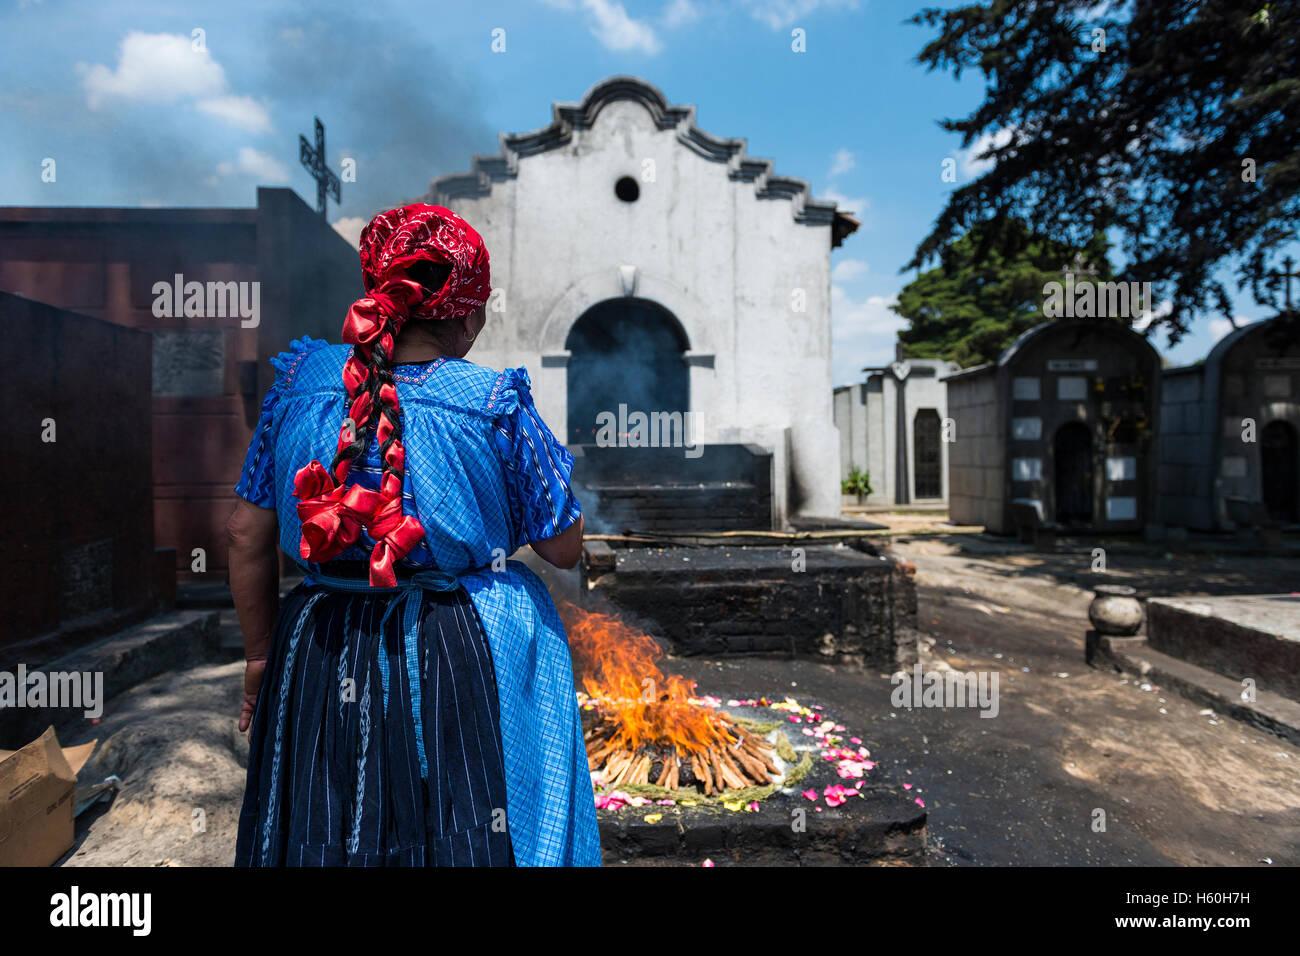 Chichicastenango, Guatemala - 24. April 2014: Maya-Frau, die Durchführung eines traditionellen Maya-Rituals Stockbild